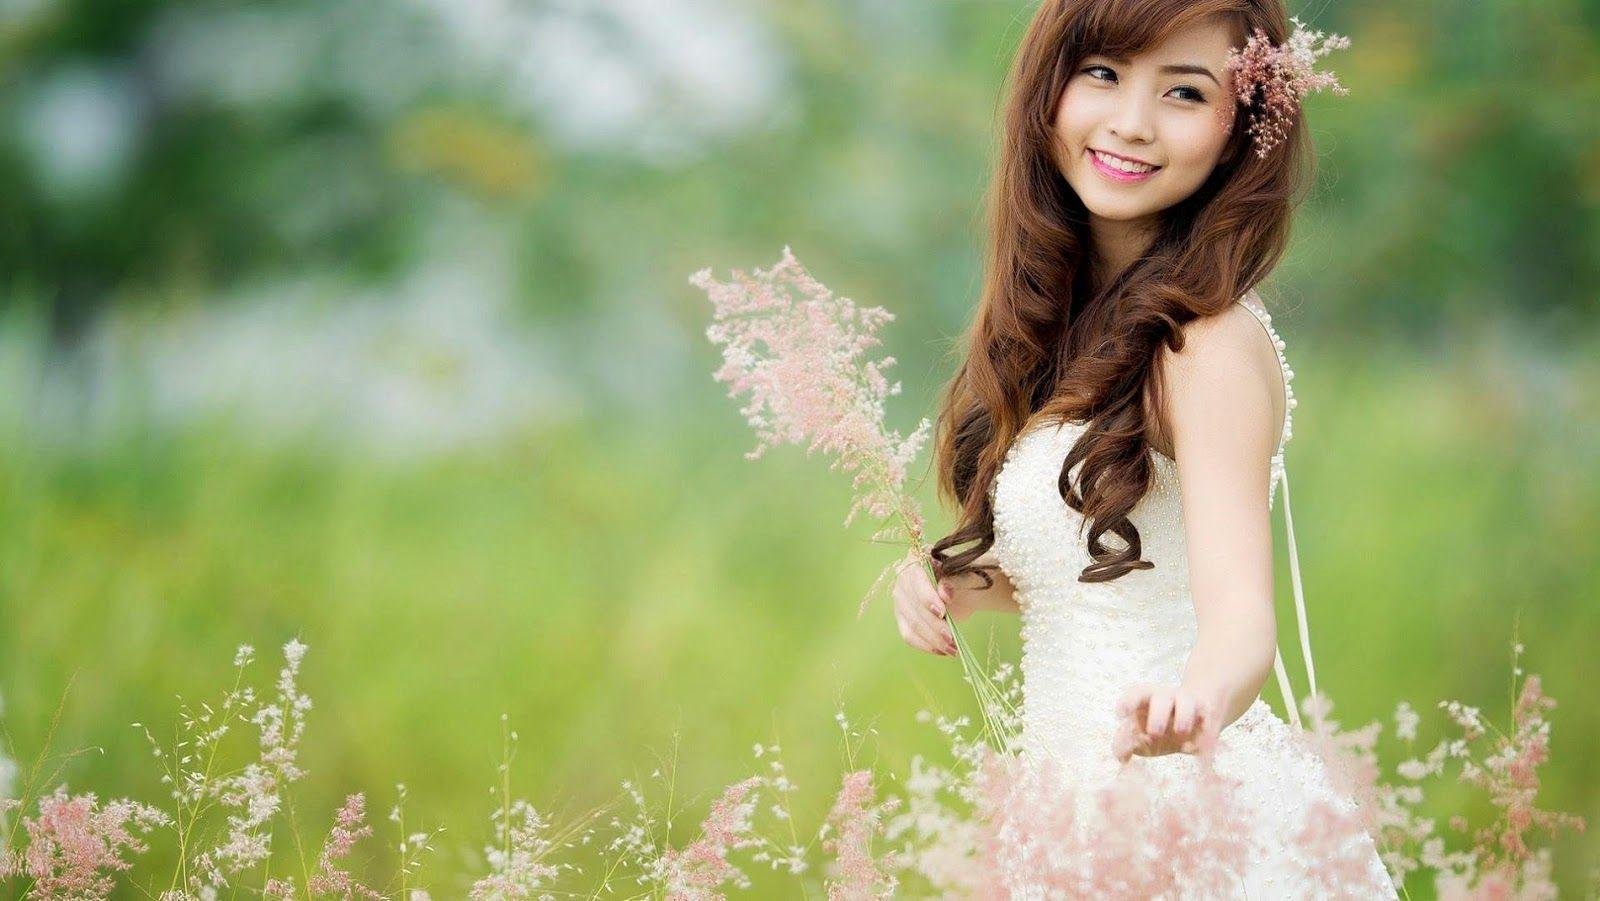 Wallpaper download hd girl - Cat And Girl Cute Wallpaper Hd Download For Desktop Mobile 1600 901 Cute Girl Pics